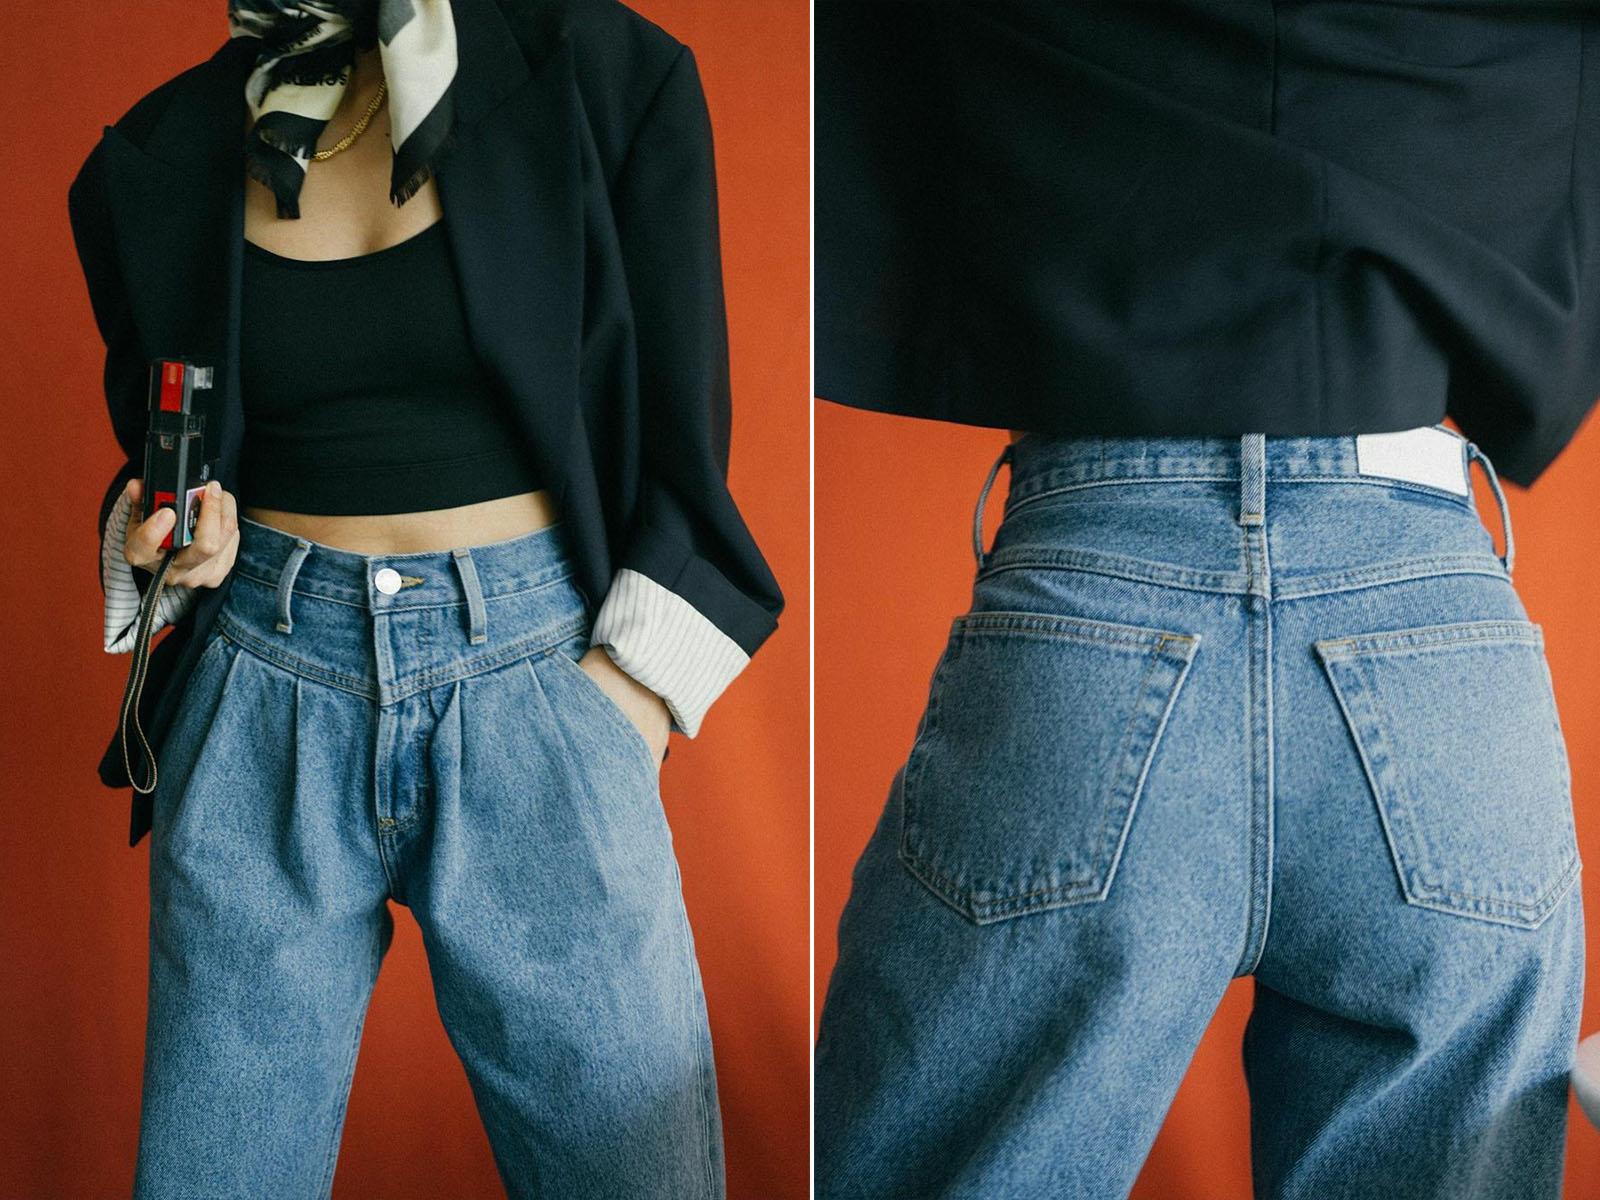 bí quyết chọn quần jeans bằng túi sau cô gái mặc croptop và blazer